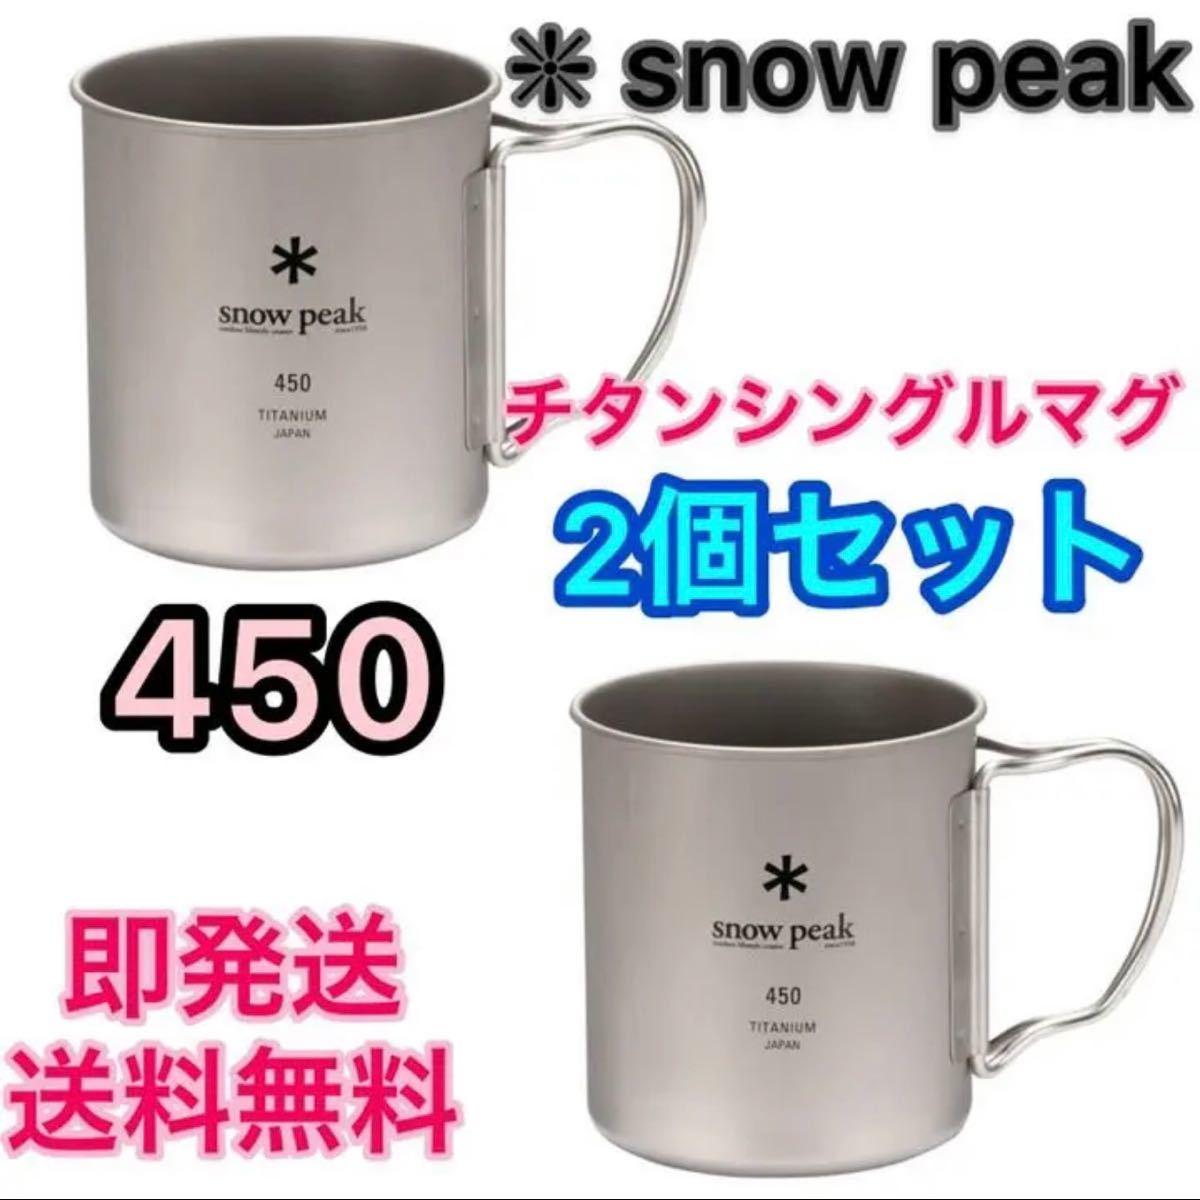 スノーピーク チタンシングルマグ 450  MG-143 ★2個セット【新品未使用】完売品 snowpeak★